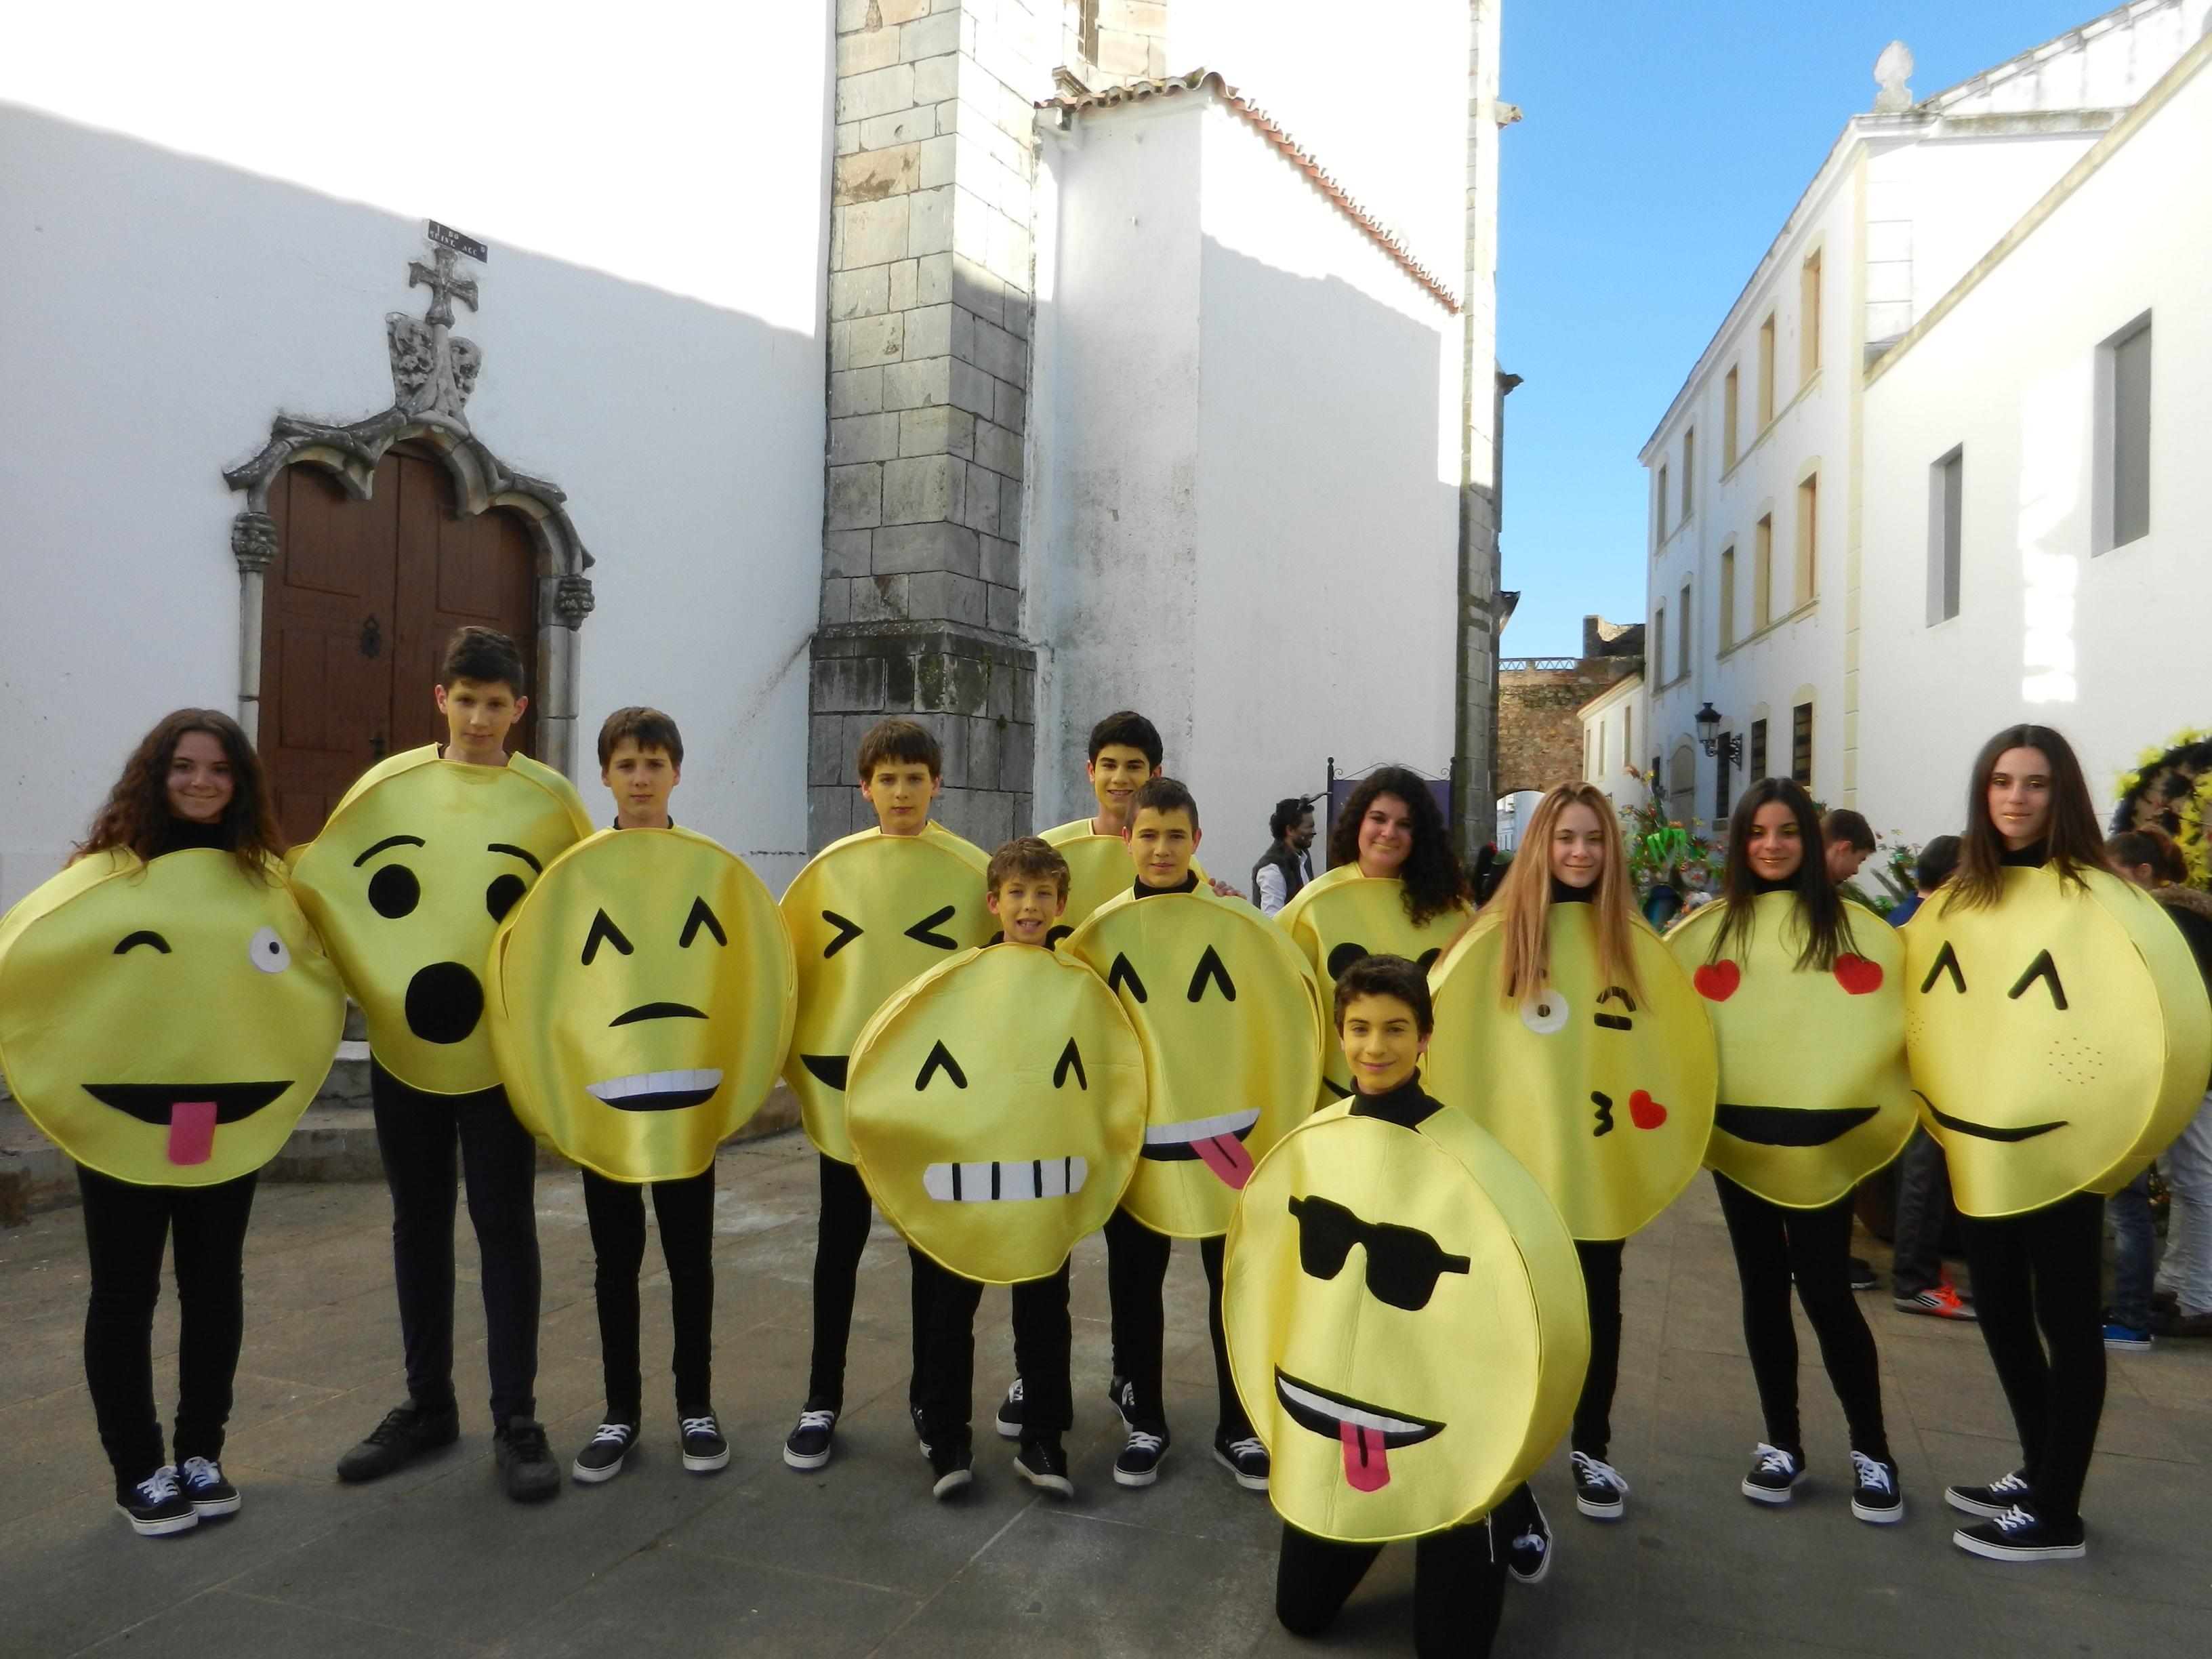 Los emoticonos salen en carnaval